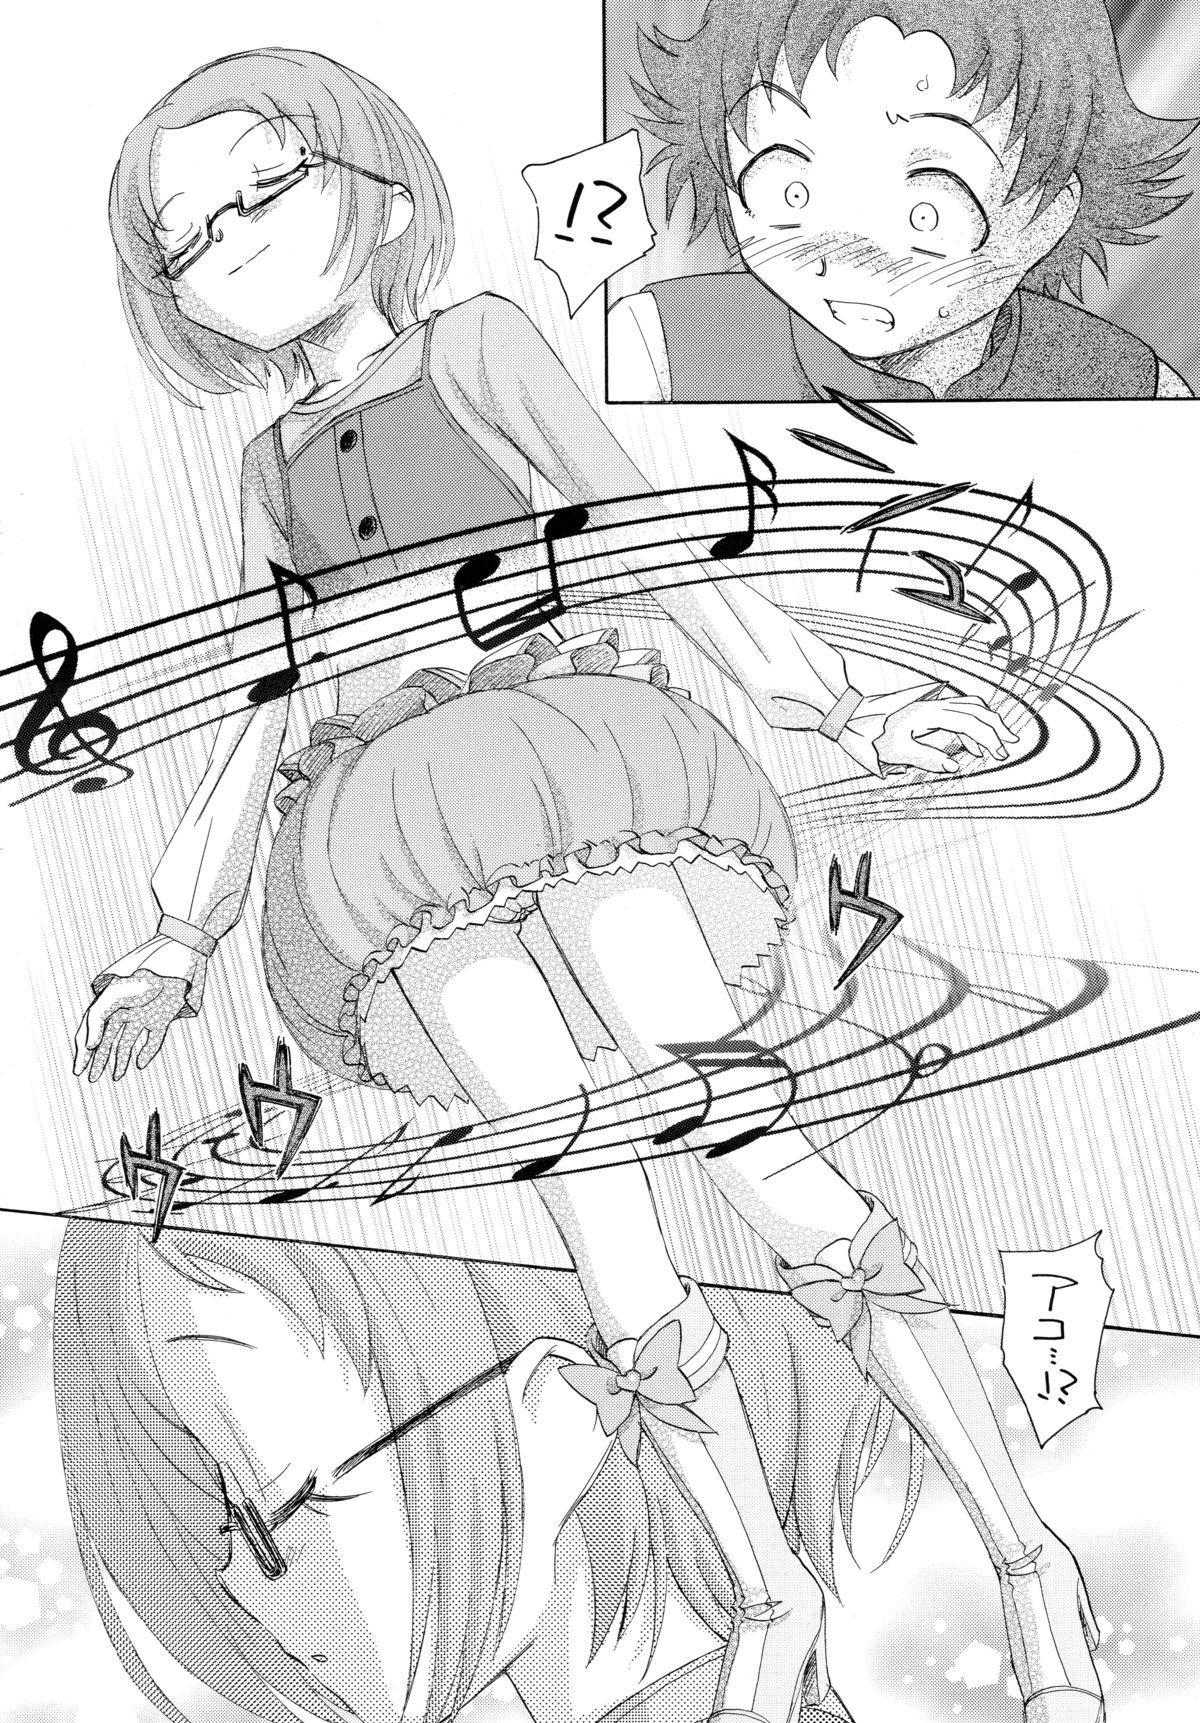 Rhapsody in Muse 2